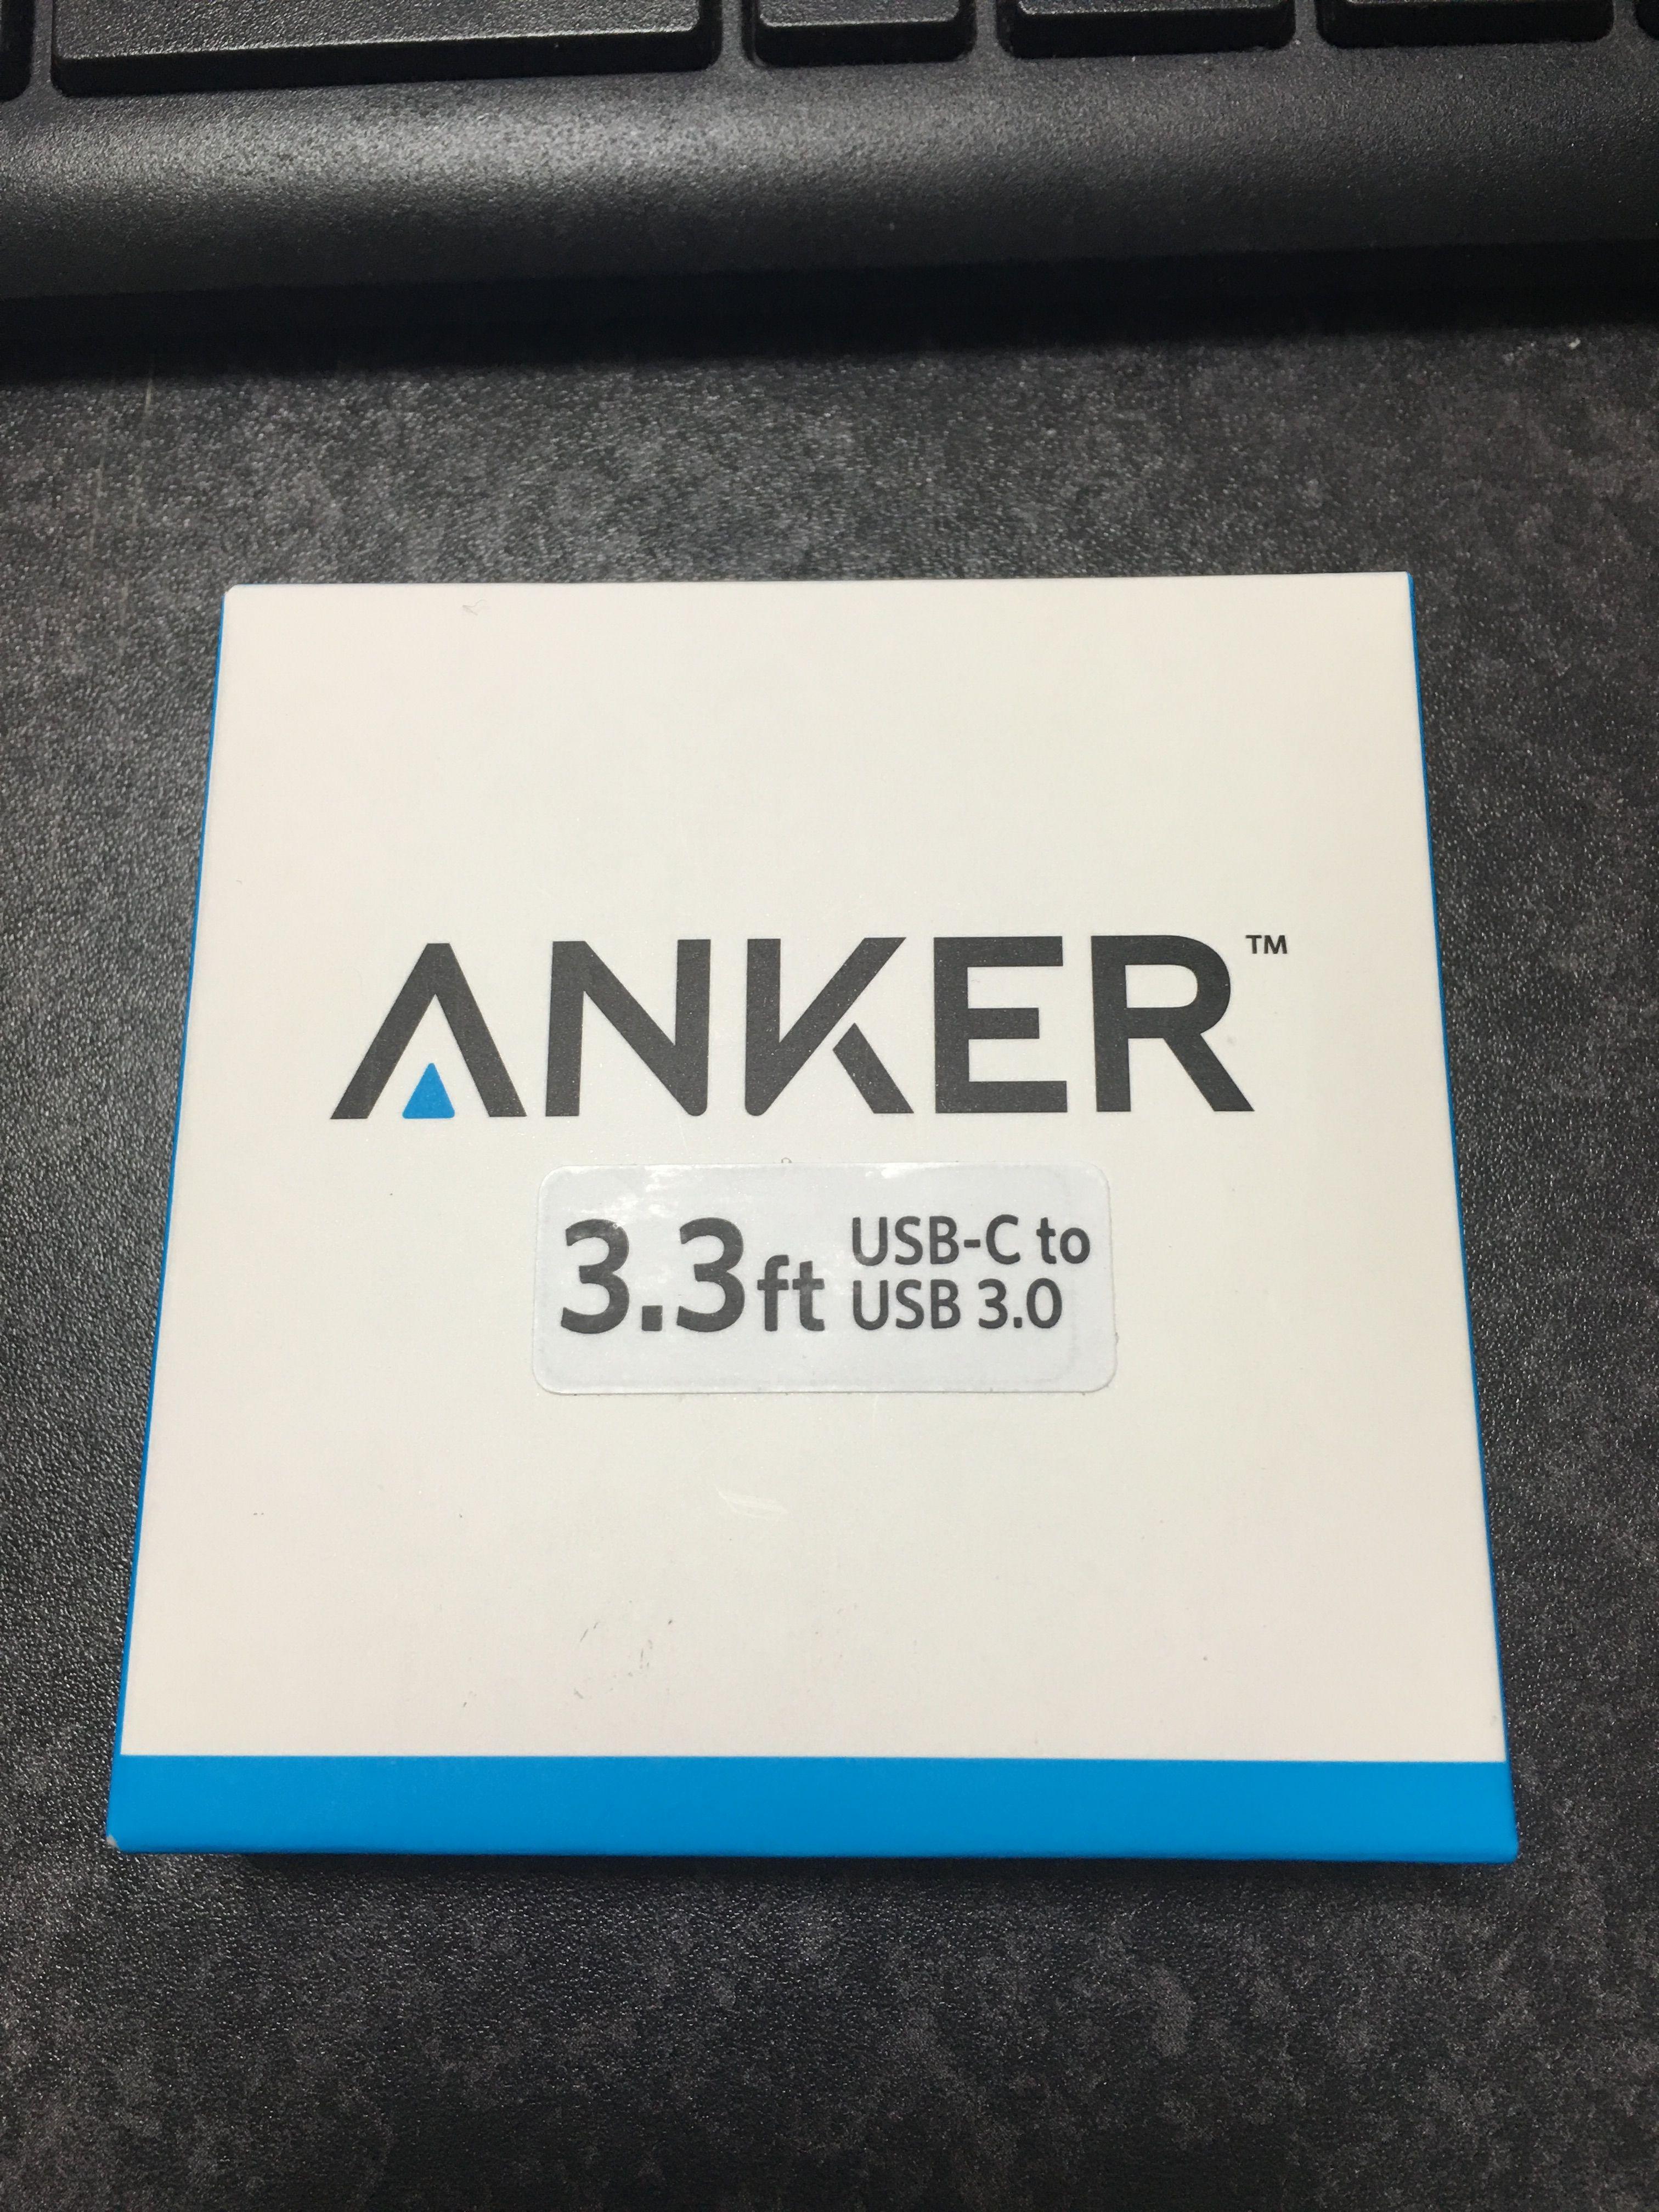 AnkerのPowerLine USB-C & USB 3.0 ケーブルを購入したので開封レビュー